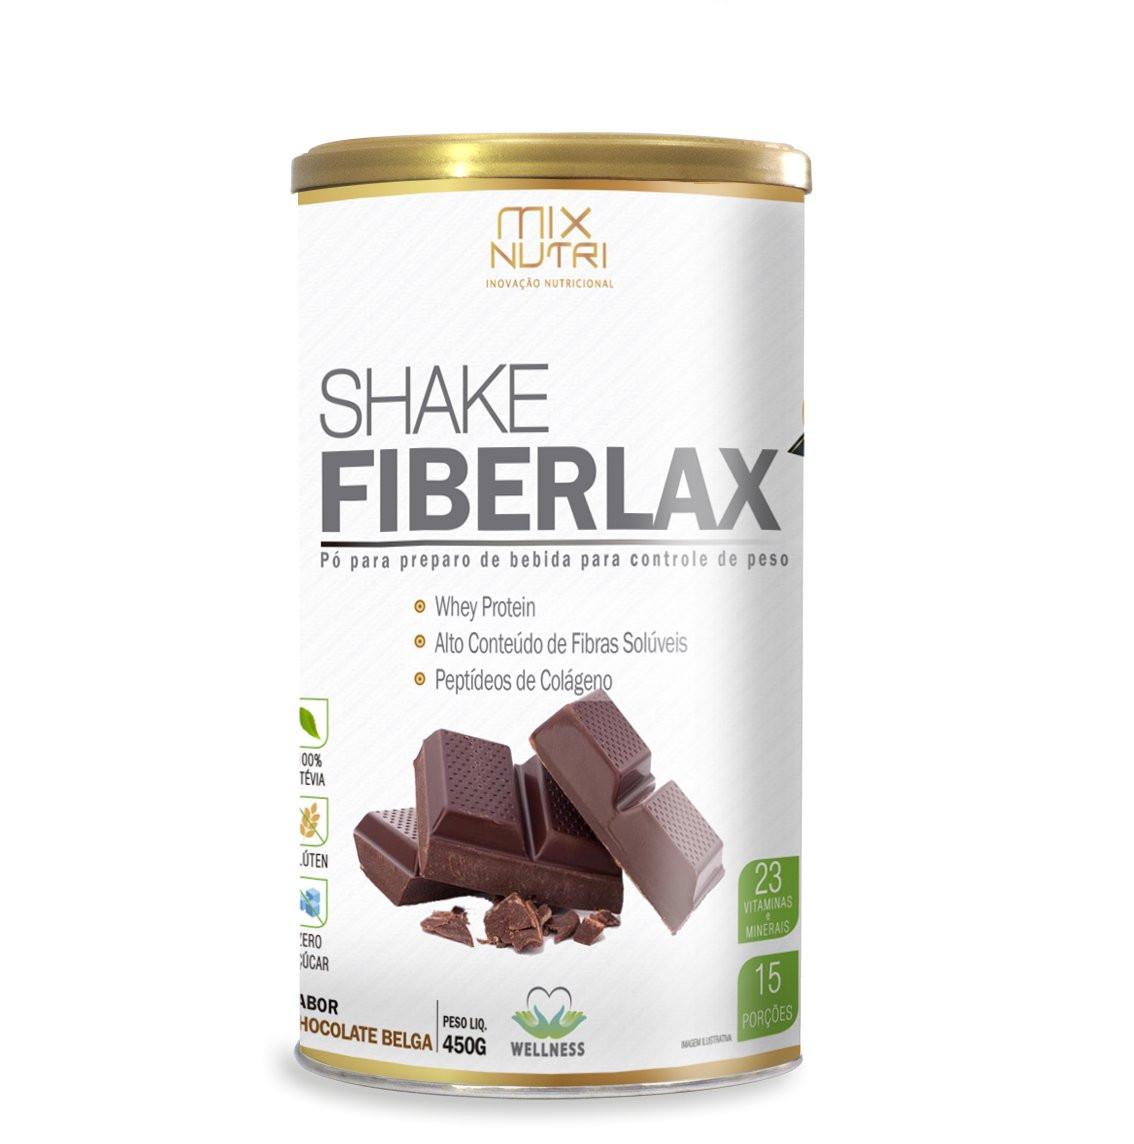 Shake Fiberlax (450g) Mix Nutri-Chocolate Belga